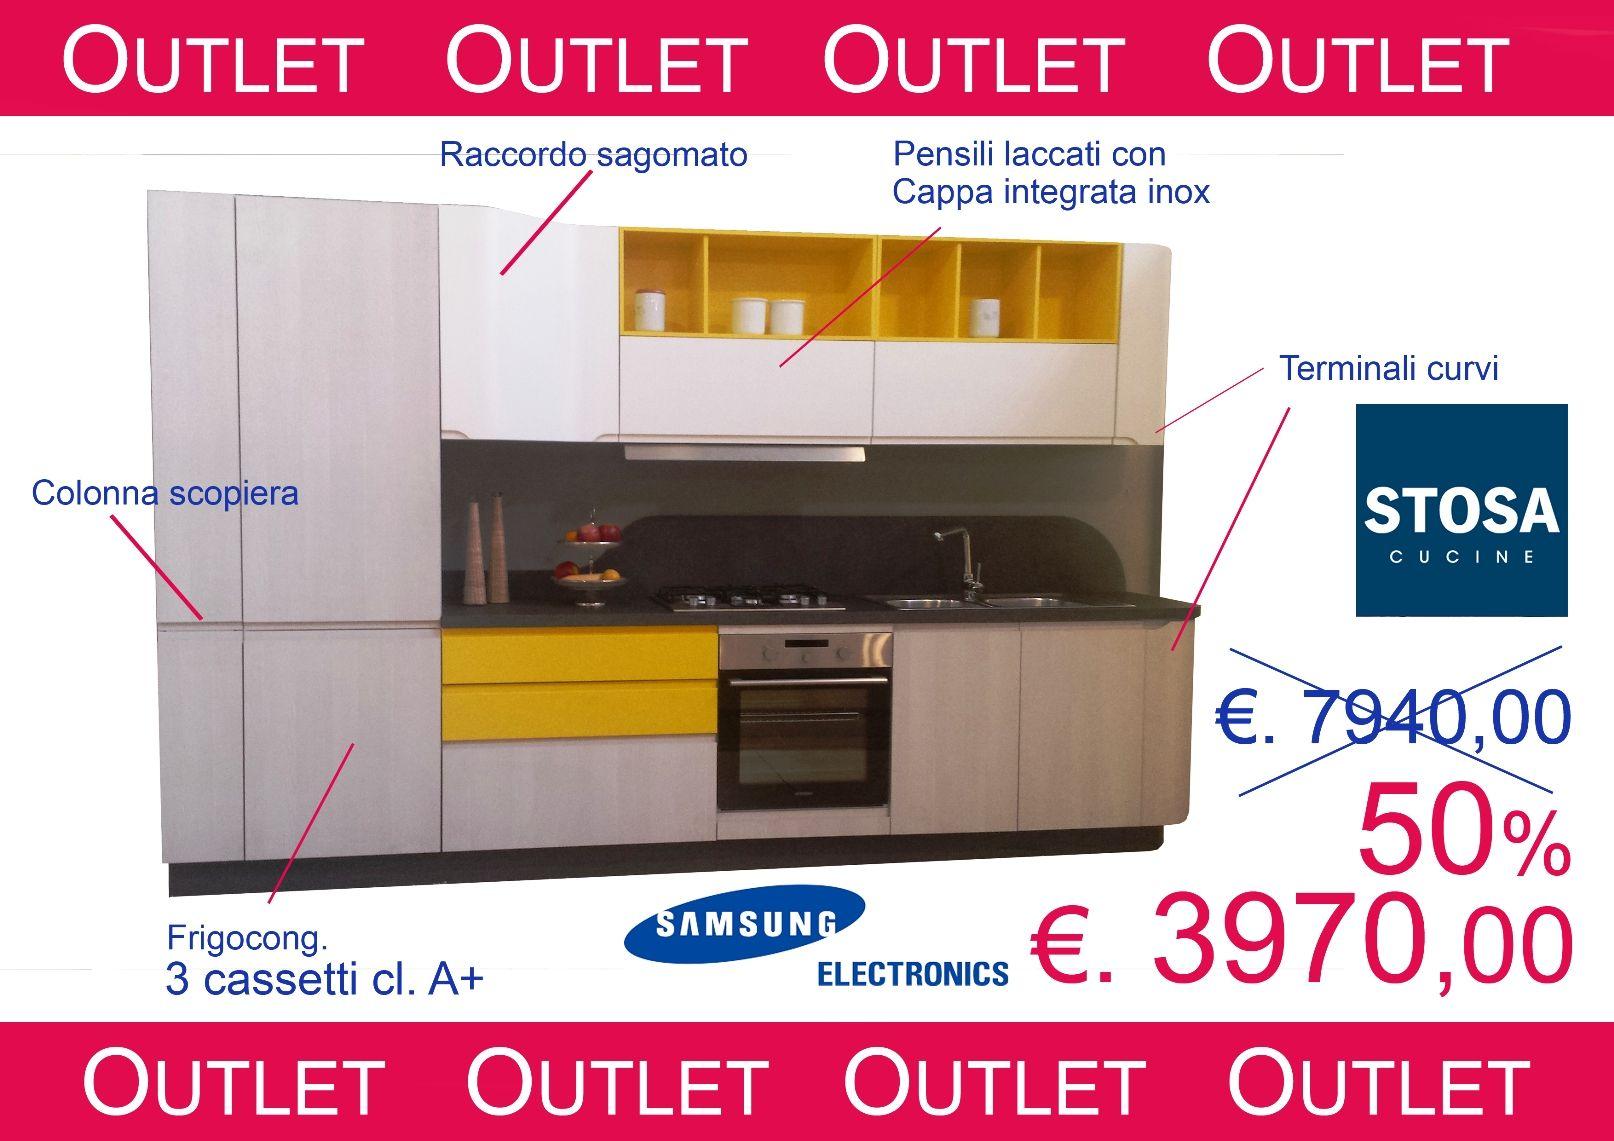 Paoletti Industria Mobili Roma.Prodotti Outlet Cucina Bring Sconto 50 Per Cento Paoletti